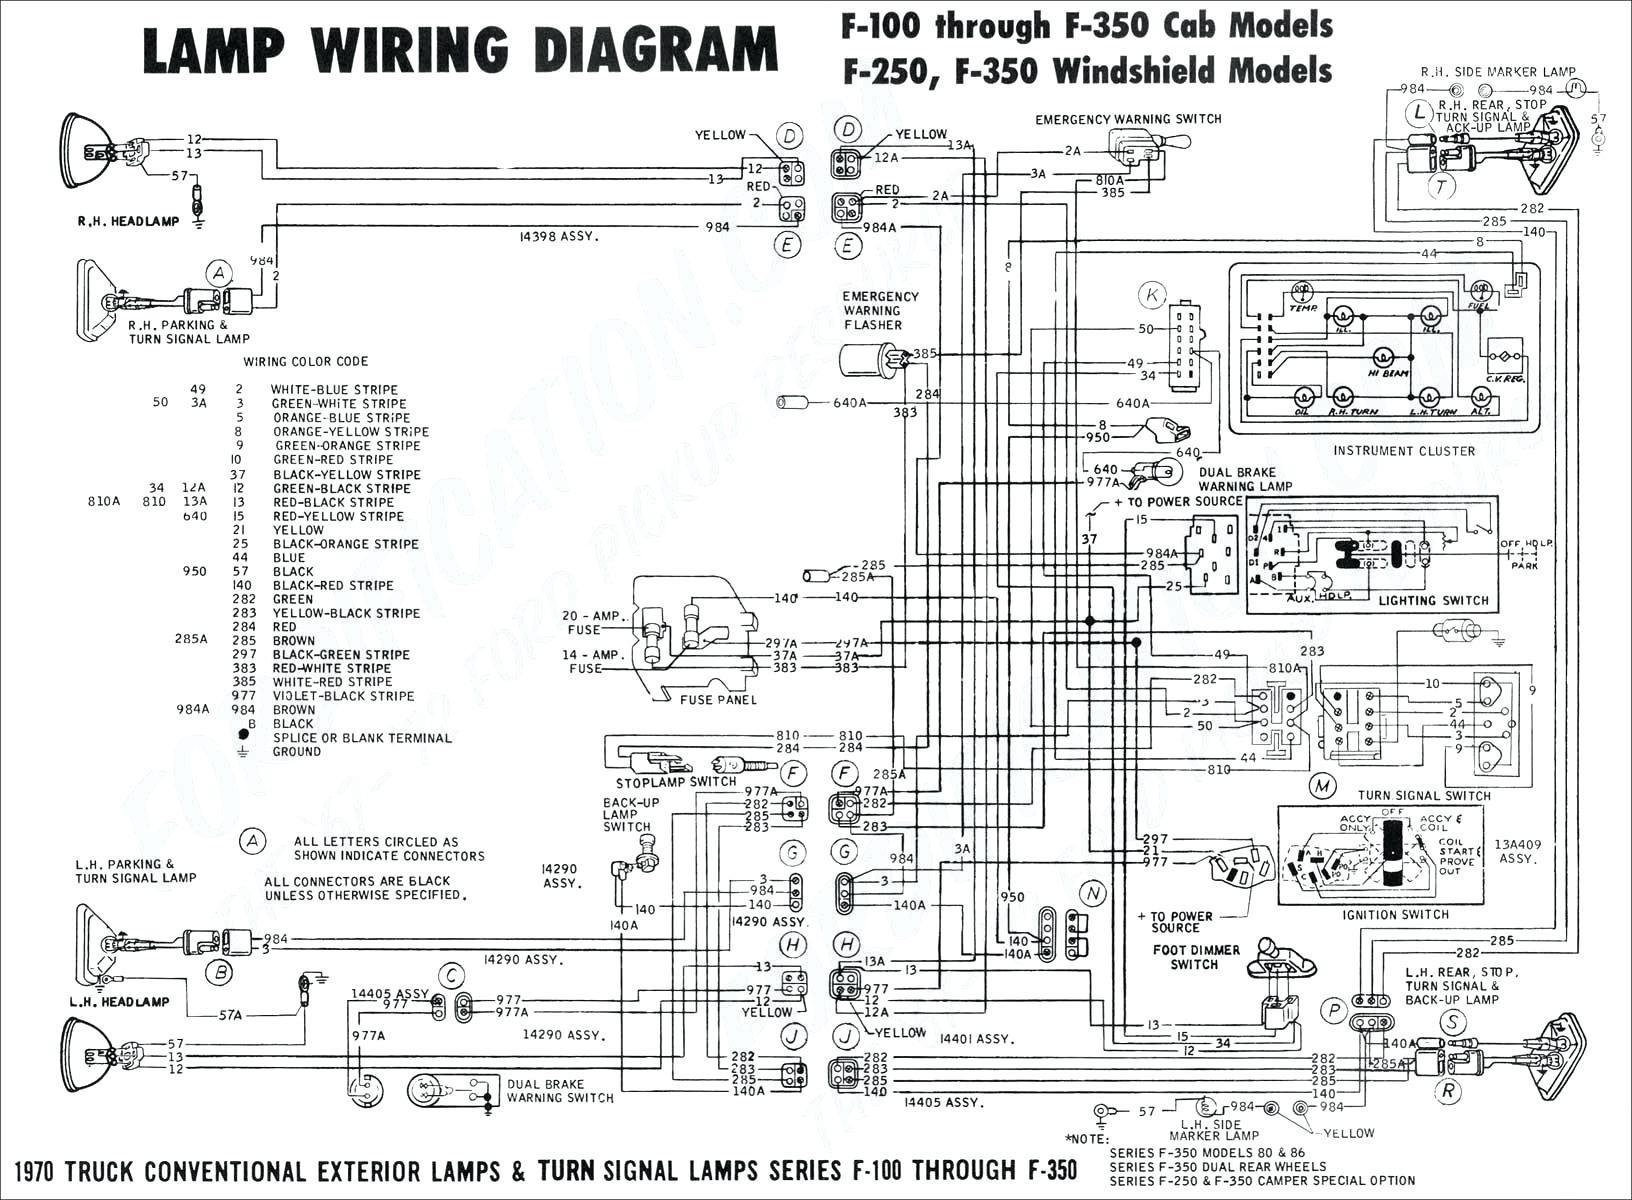 Jd 3020 Starter Wiring Diagram. Jd 4010 Wiring Diagram, Jd ... Jd Wiring Diagram on